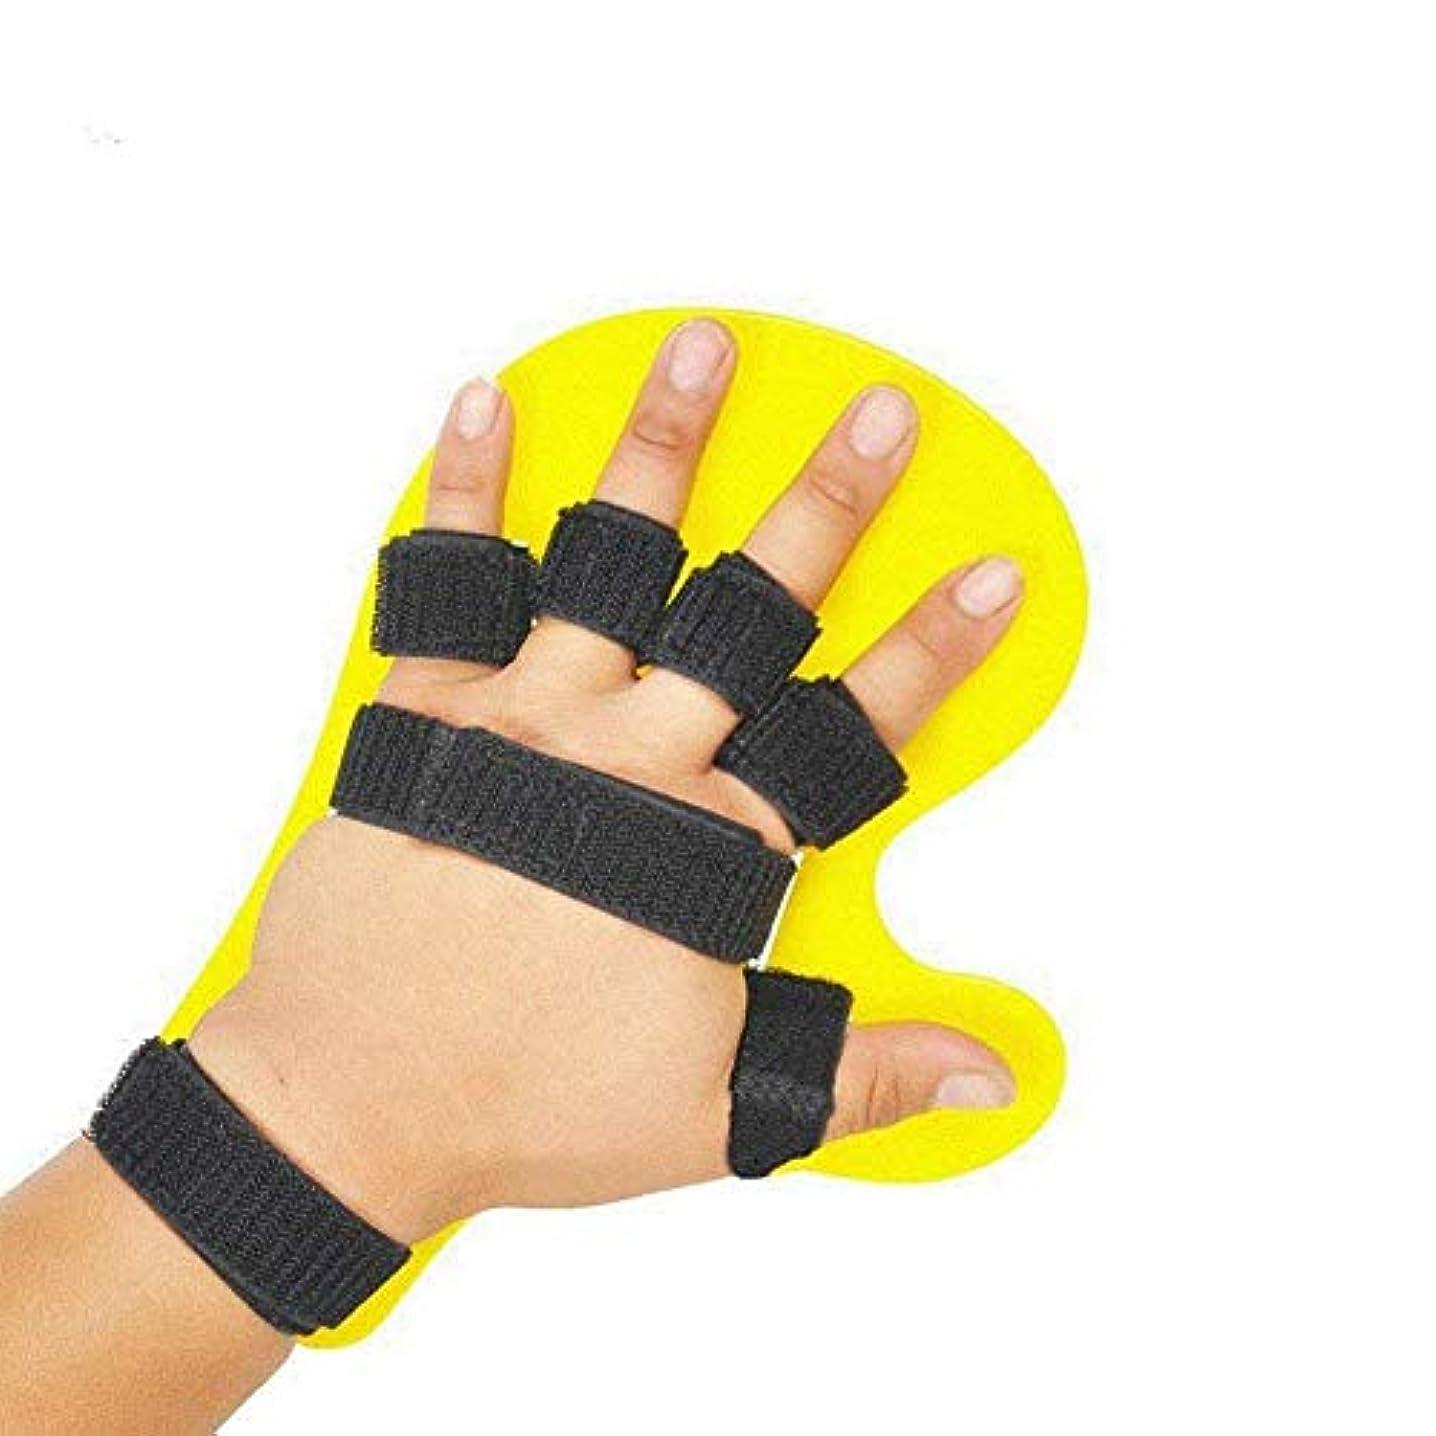 式牧草地軽片麻痺の患者を支援するためのトリガー指スプリント、指板ハンドトレーニングABS調整可能な指リハビリ,2PCS